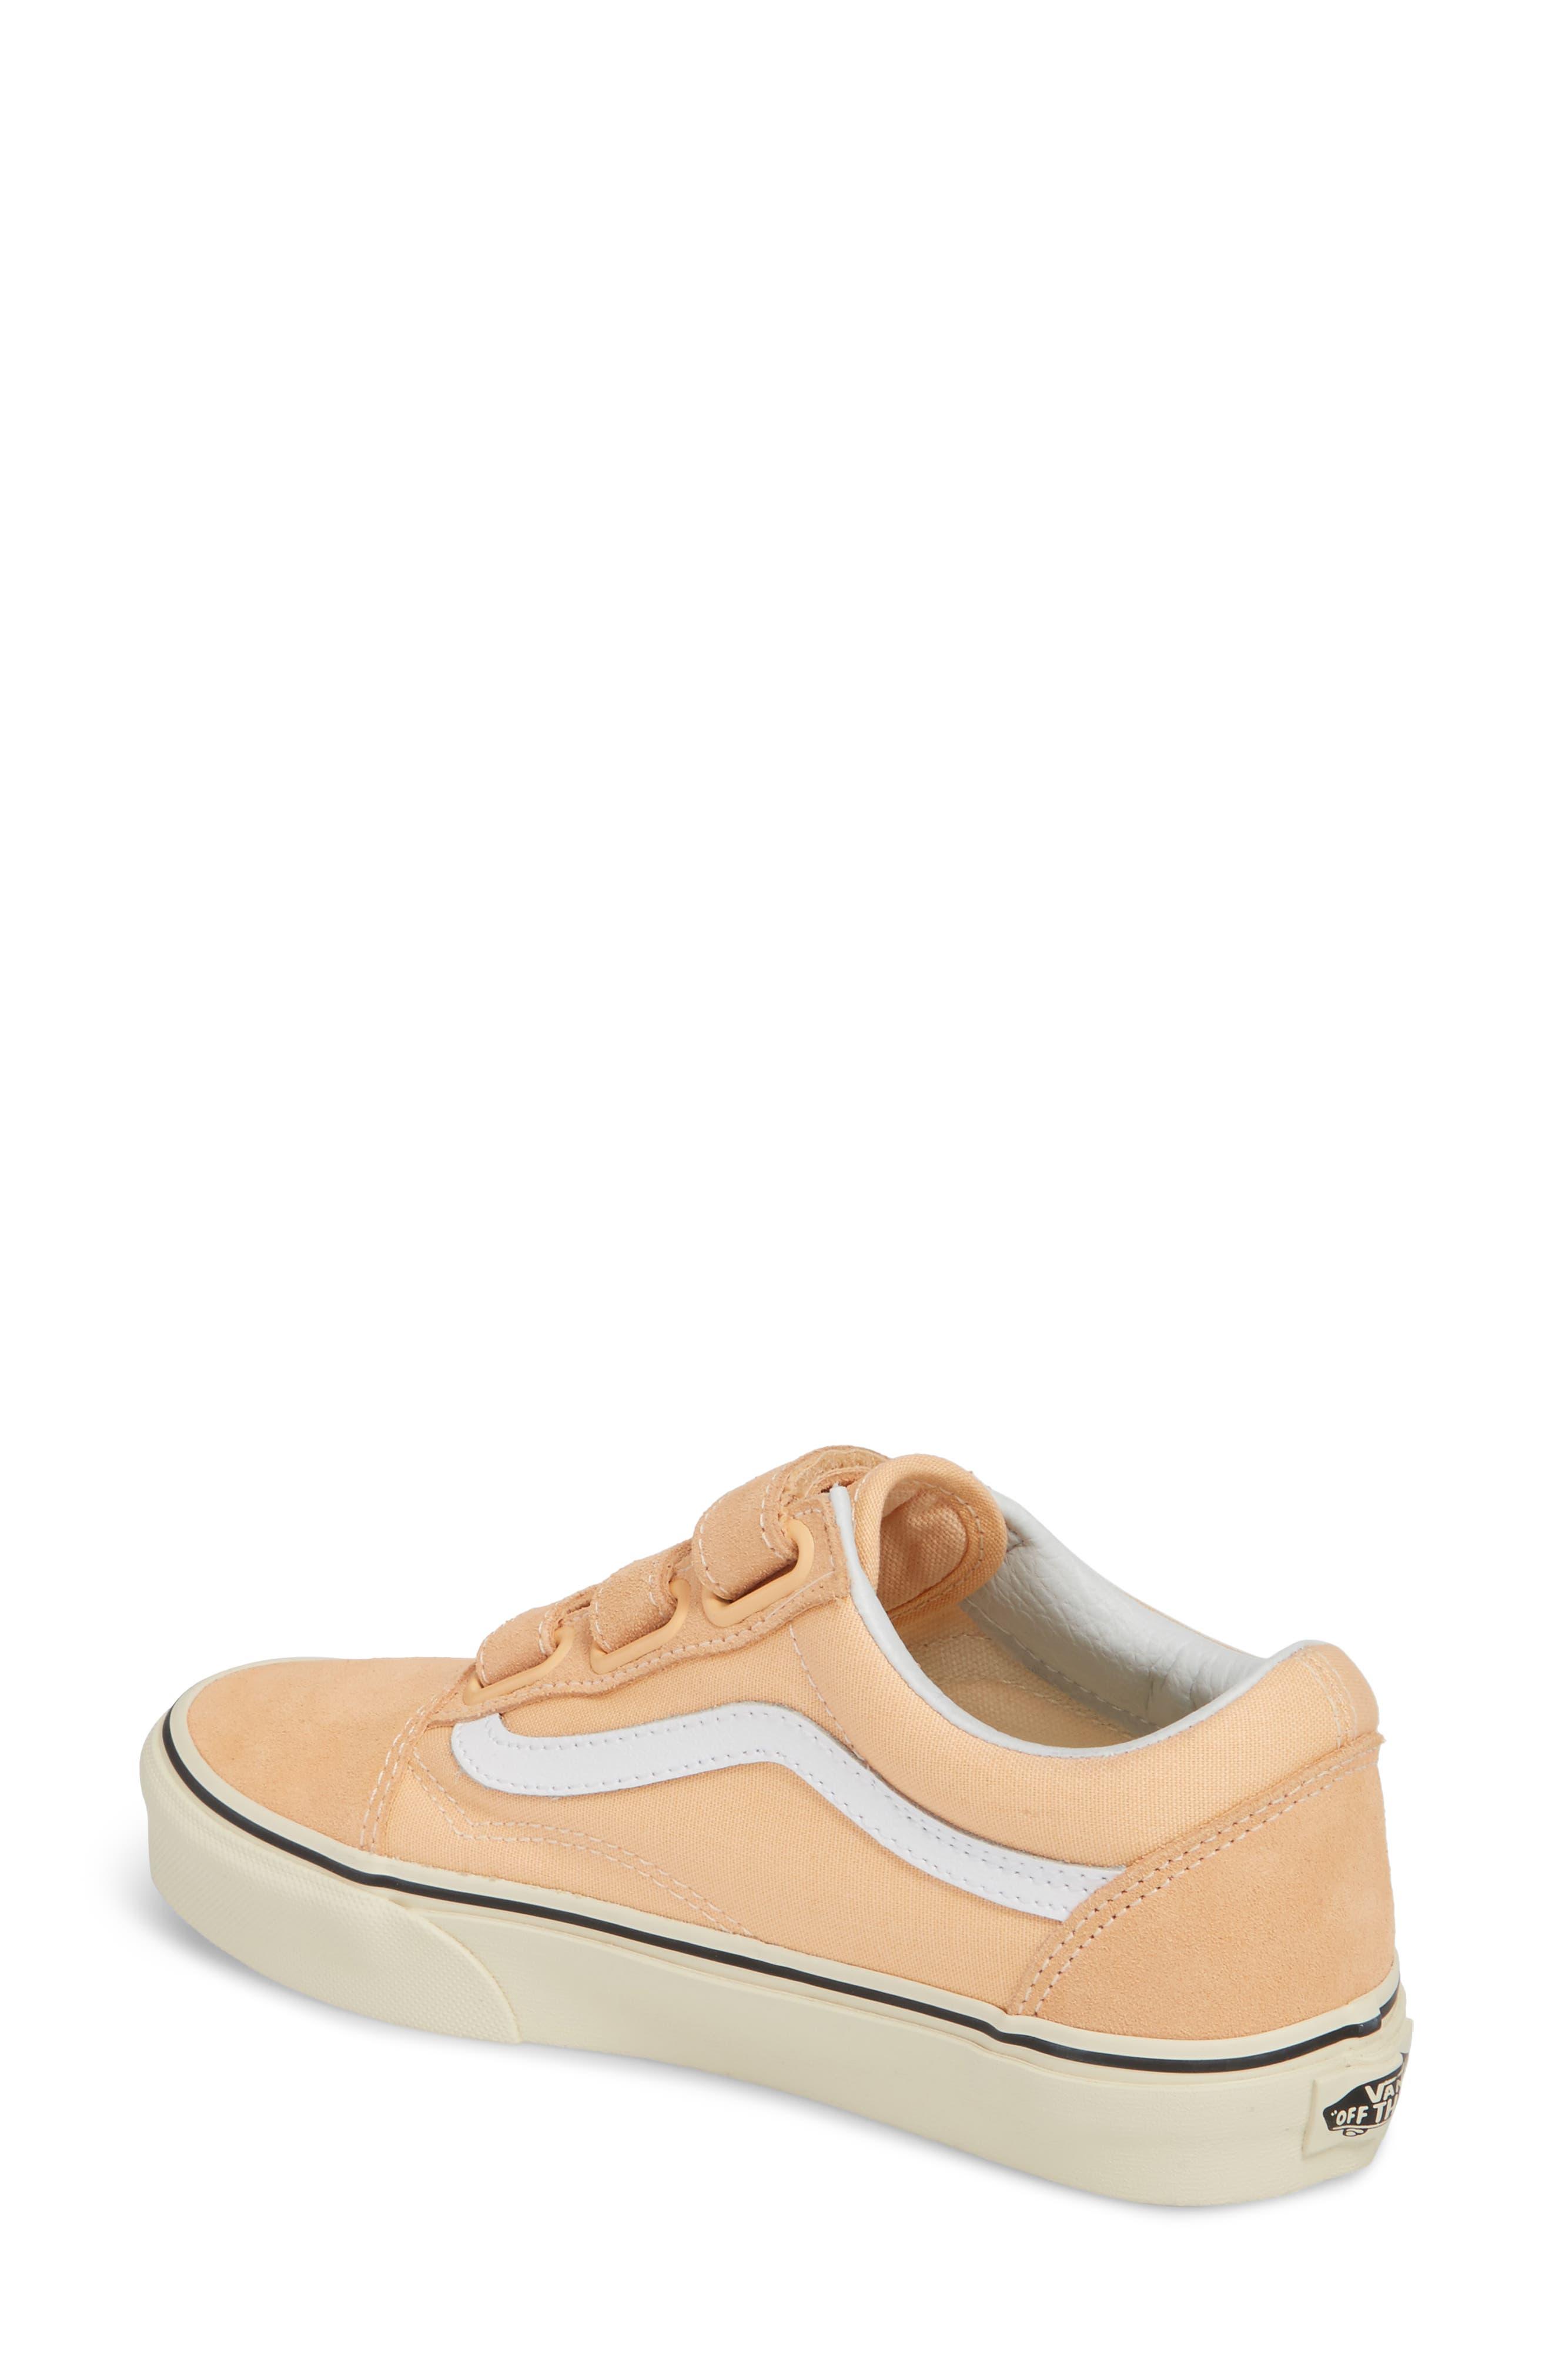 Alternate Image 2  - Vans Old Skool V Pro Sneaker (Women)